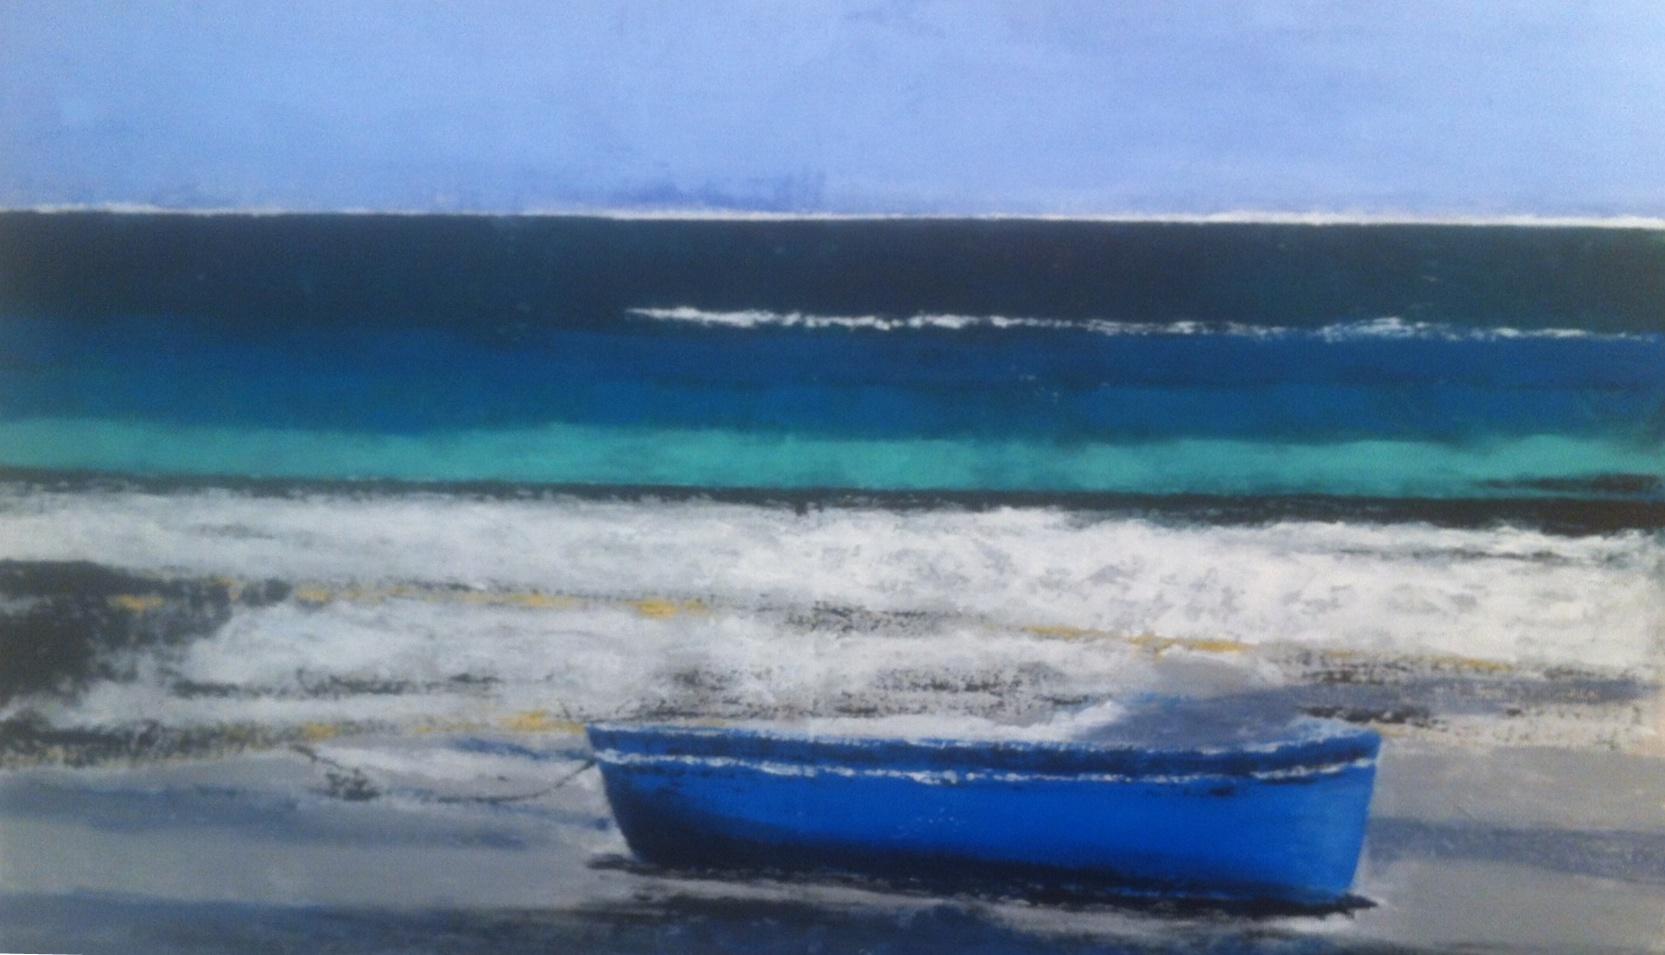 N°1843 - Barque bleue - Acrylique et pigments sur toile - 81 x 130 cm - 9 avril 2015